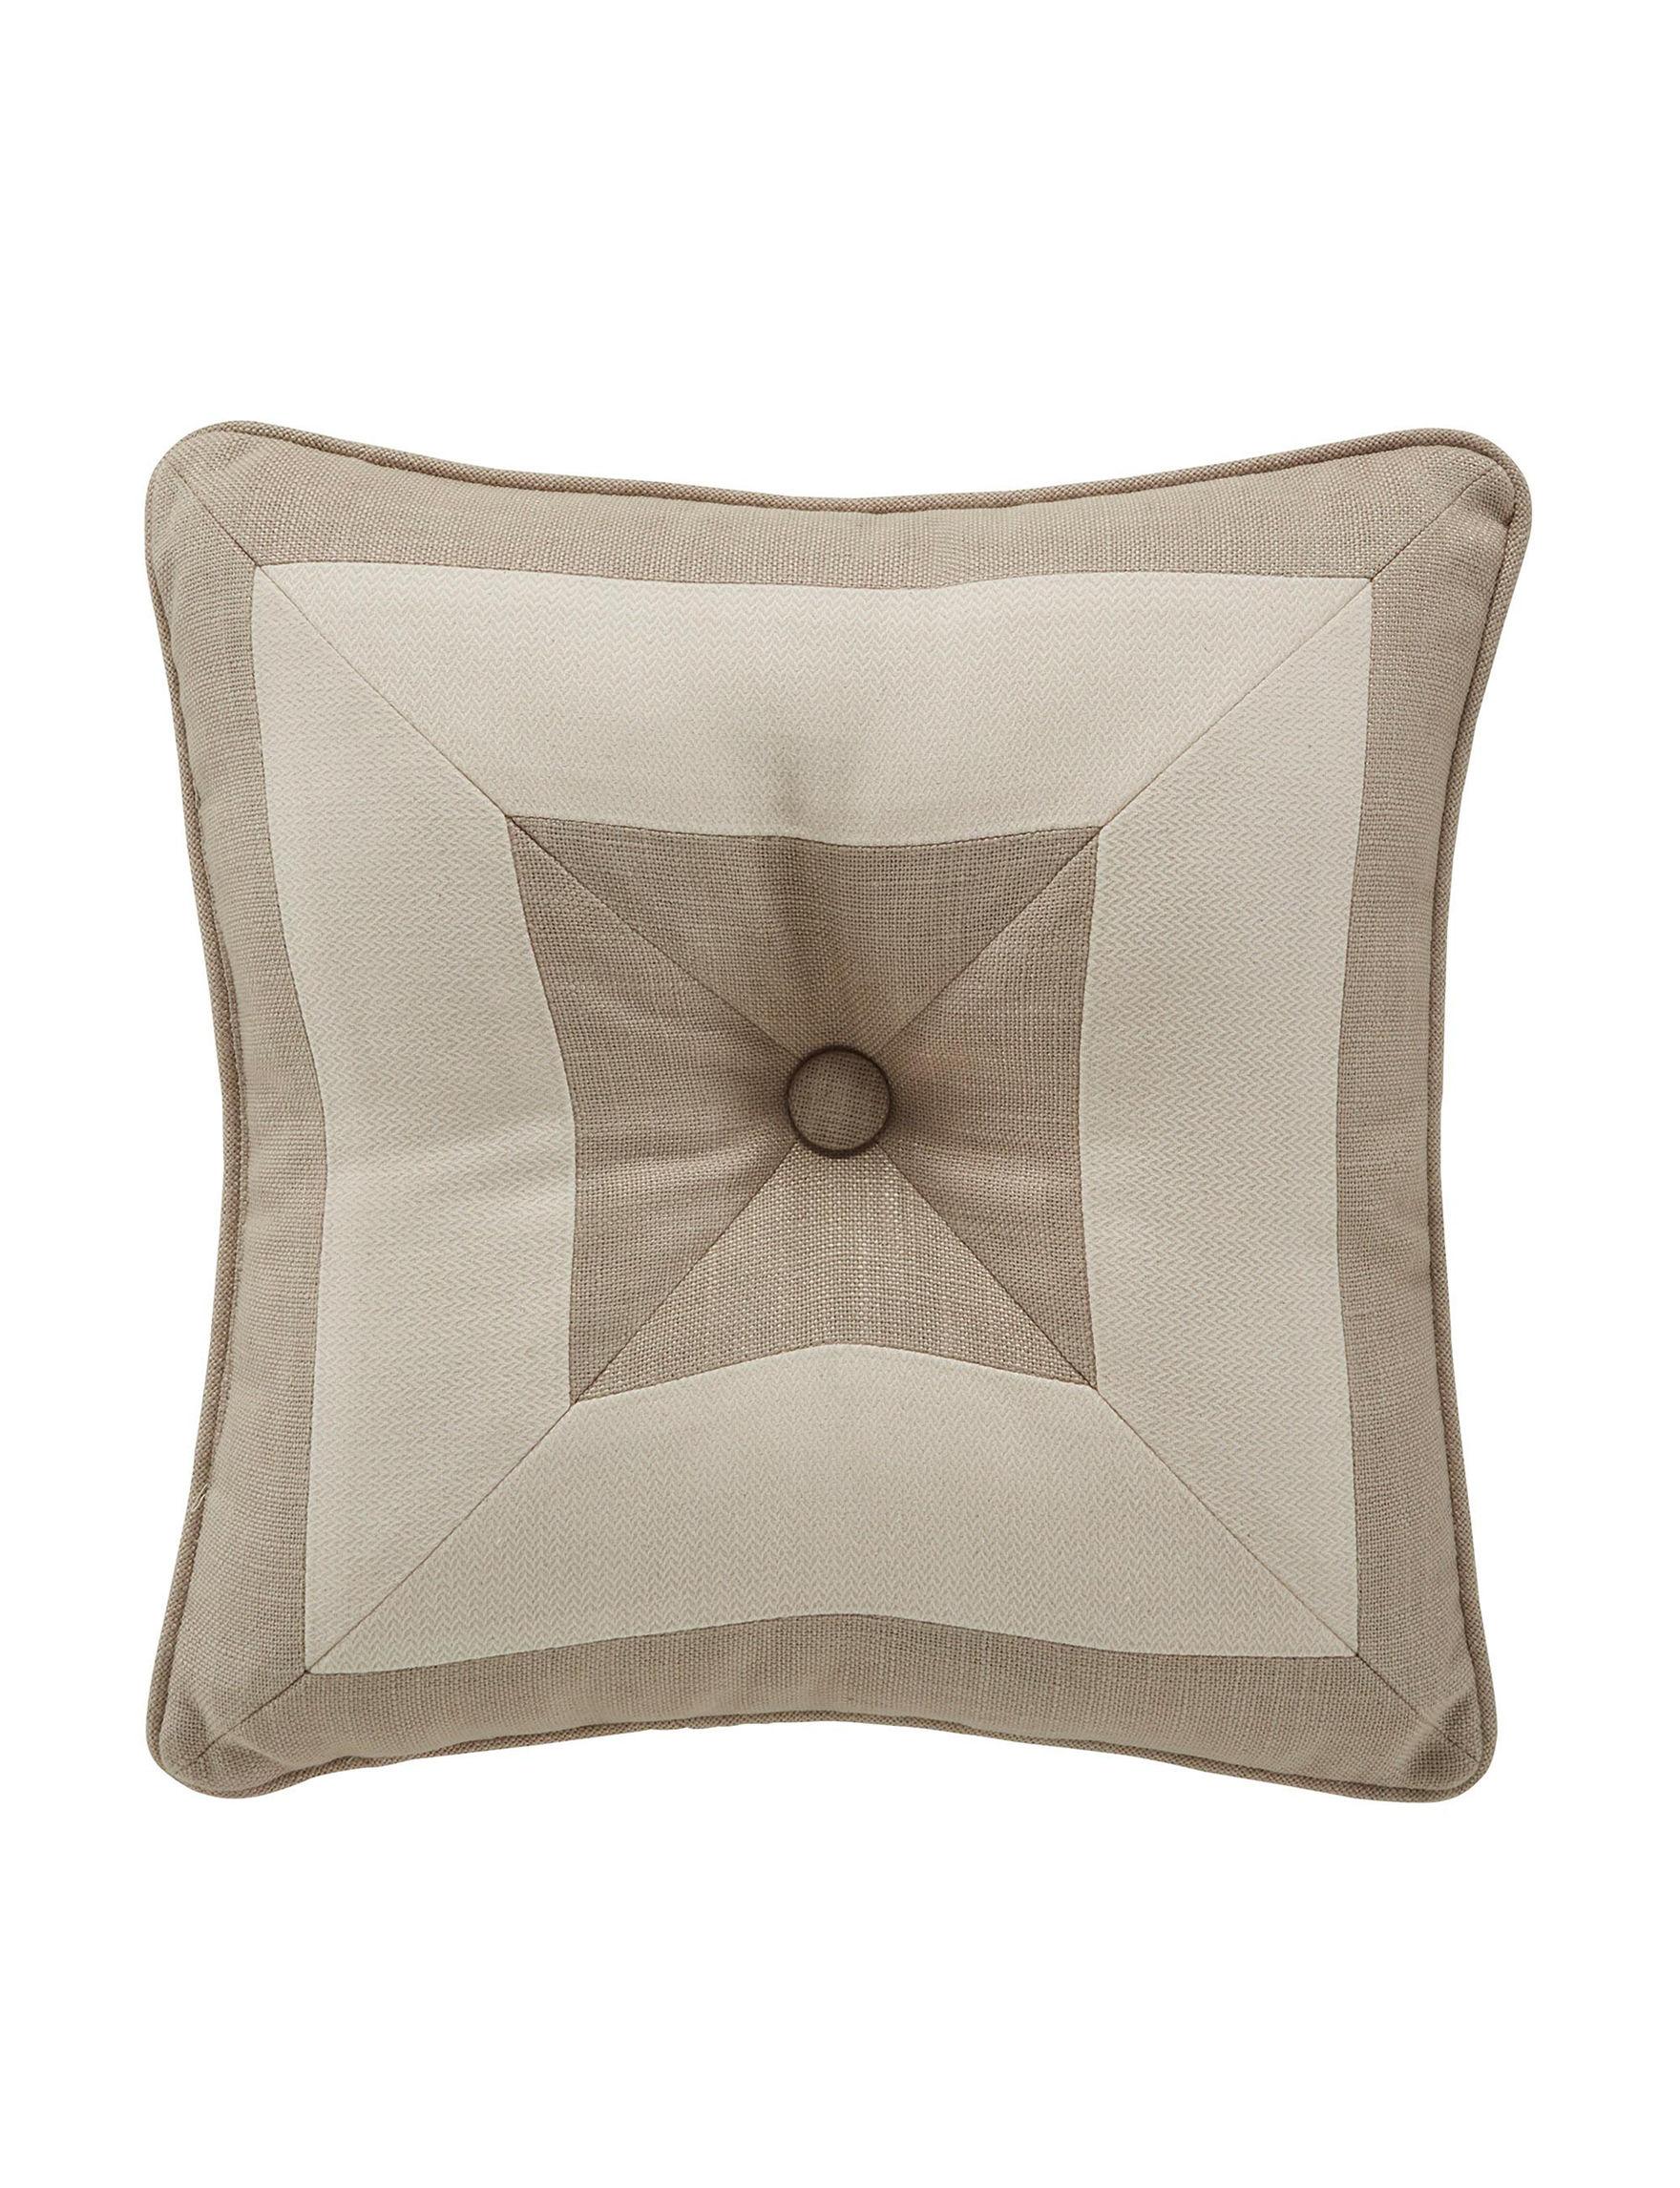 Croscill  Decorative Pillows